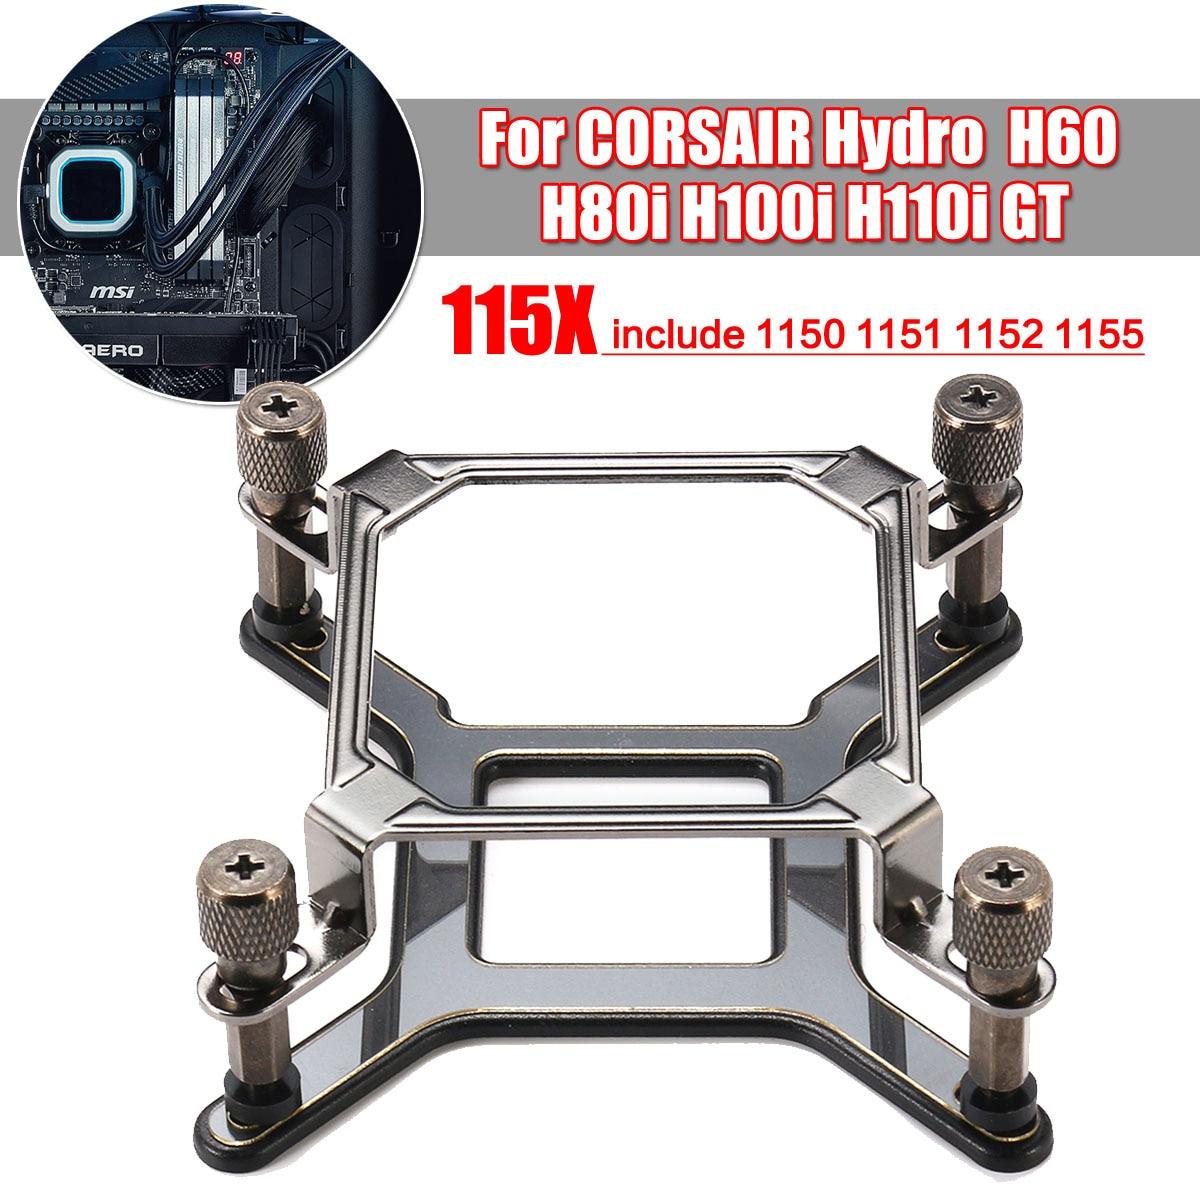 Refrigerador de Água Suporte de Montagem + Ferragem para Corsair gt para Intel Hydro H100i H110i Lga 1150 1151 1155 1156 115x Cpu H60 H80i